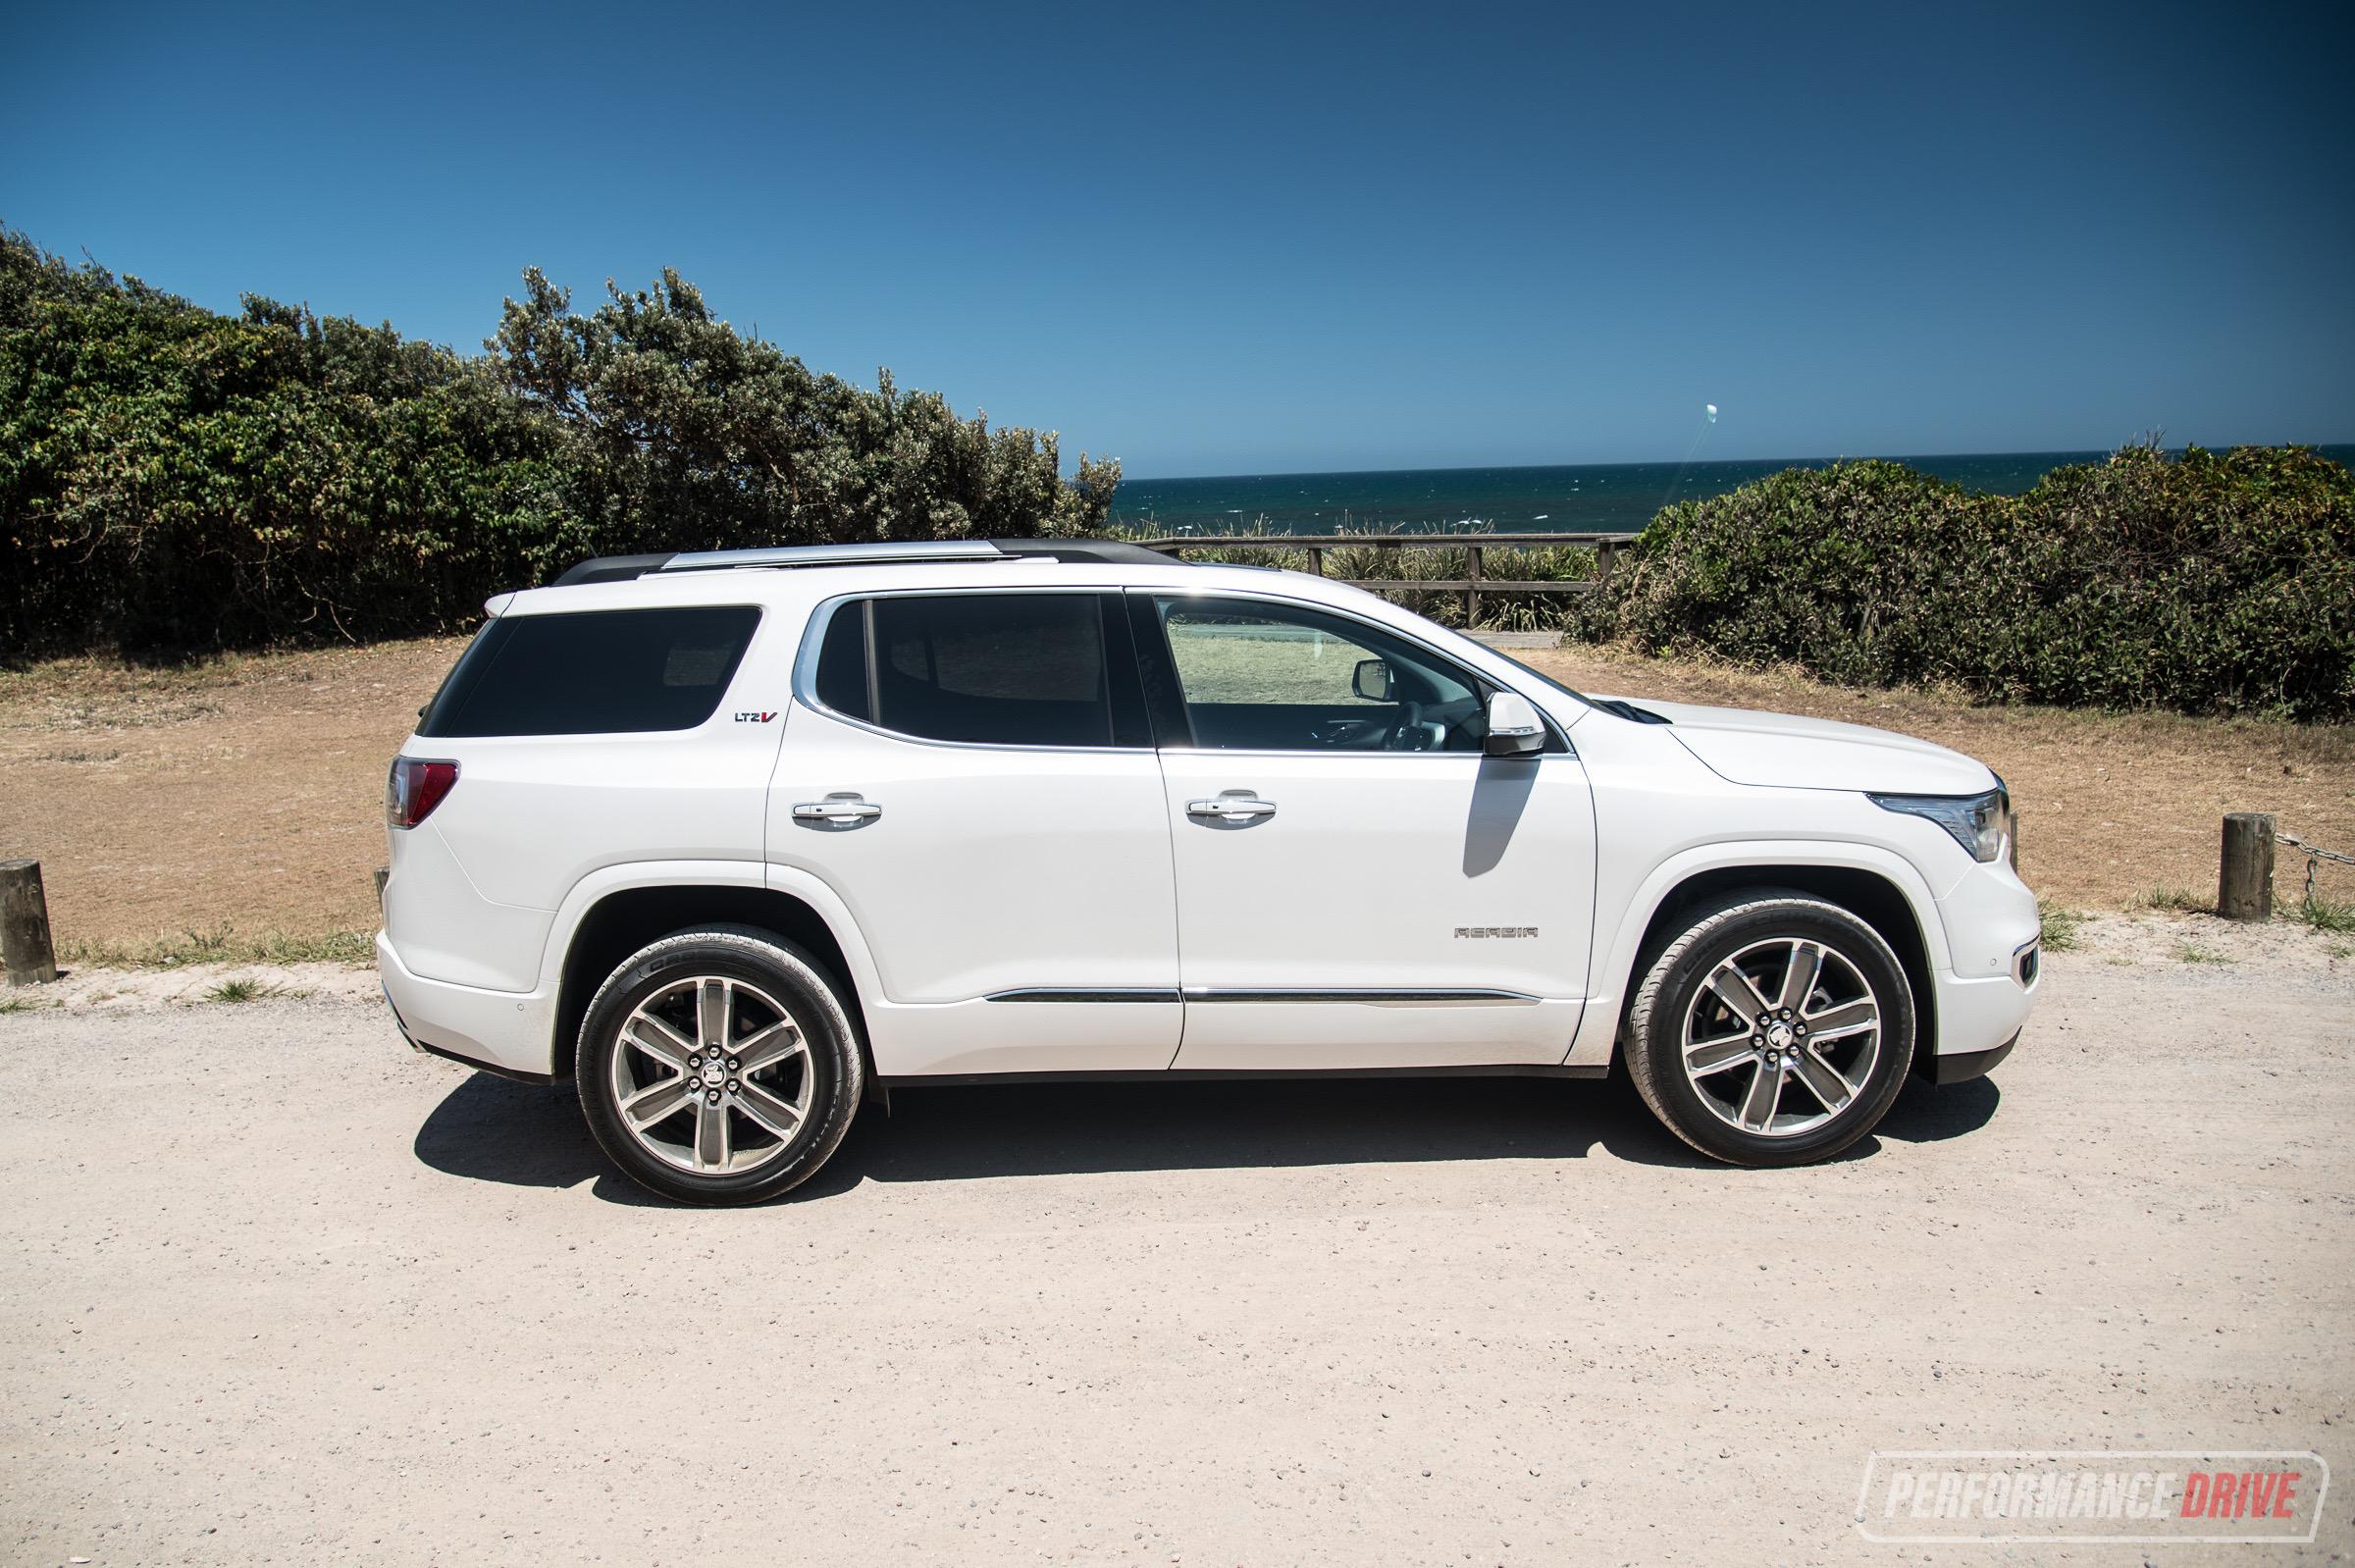 2019 Holden Acadia review – LT & LTZ-V (video) | PerformanceDrive